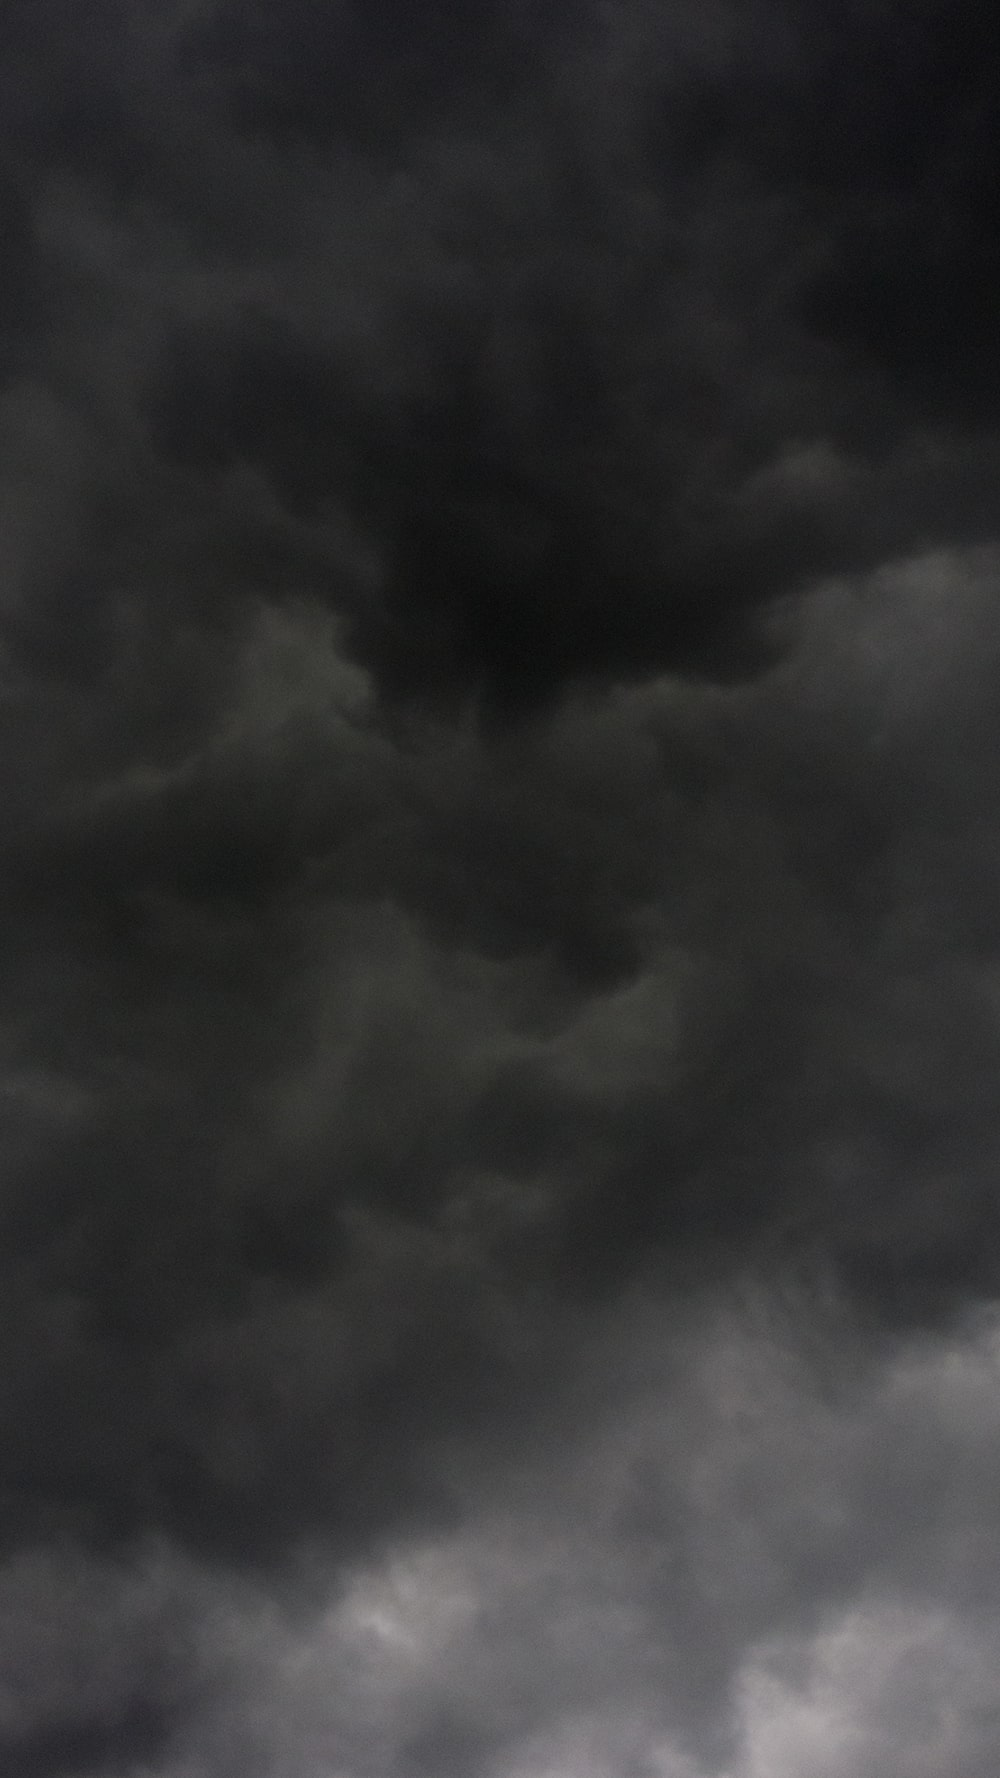 লেন্সের দুনিয়ায় যাঁর বিস্তর নামডাক মাত্র ৩২-এ পৌঁছেই। ২০১৮-য় ব্রিটিশ জার্নাল অব ফোটোগ্রাফির বিচারে বিশ্বসেরাদের তালিকায় ১৬ নম্বরে জায়গা করে নিয়েছেন।